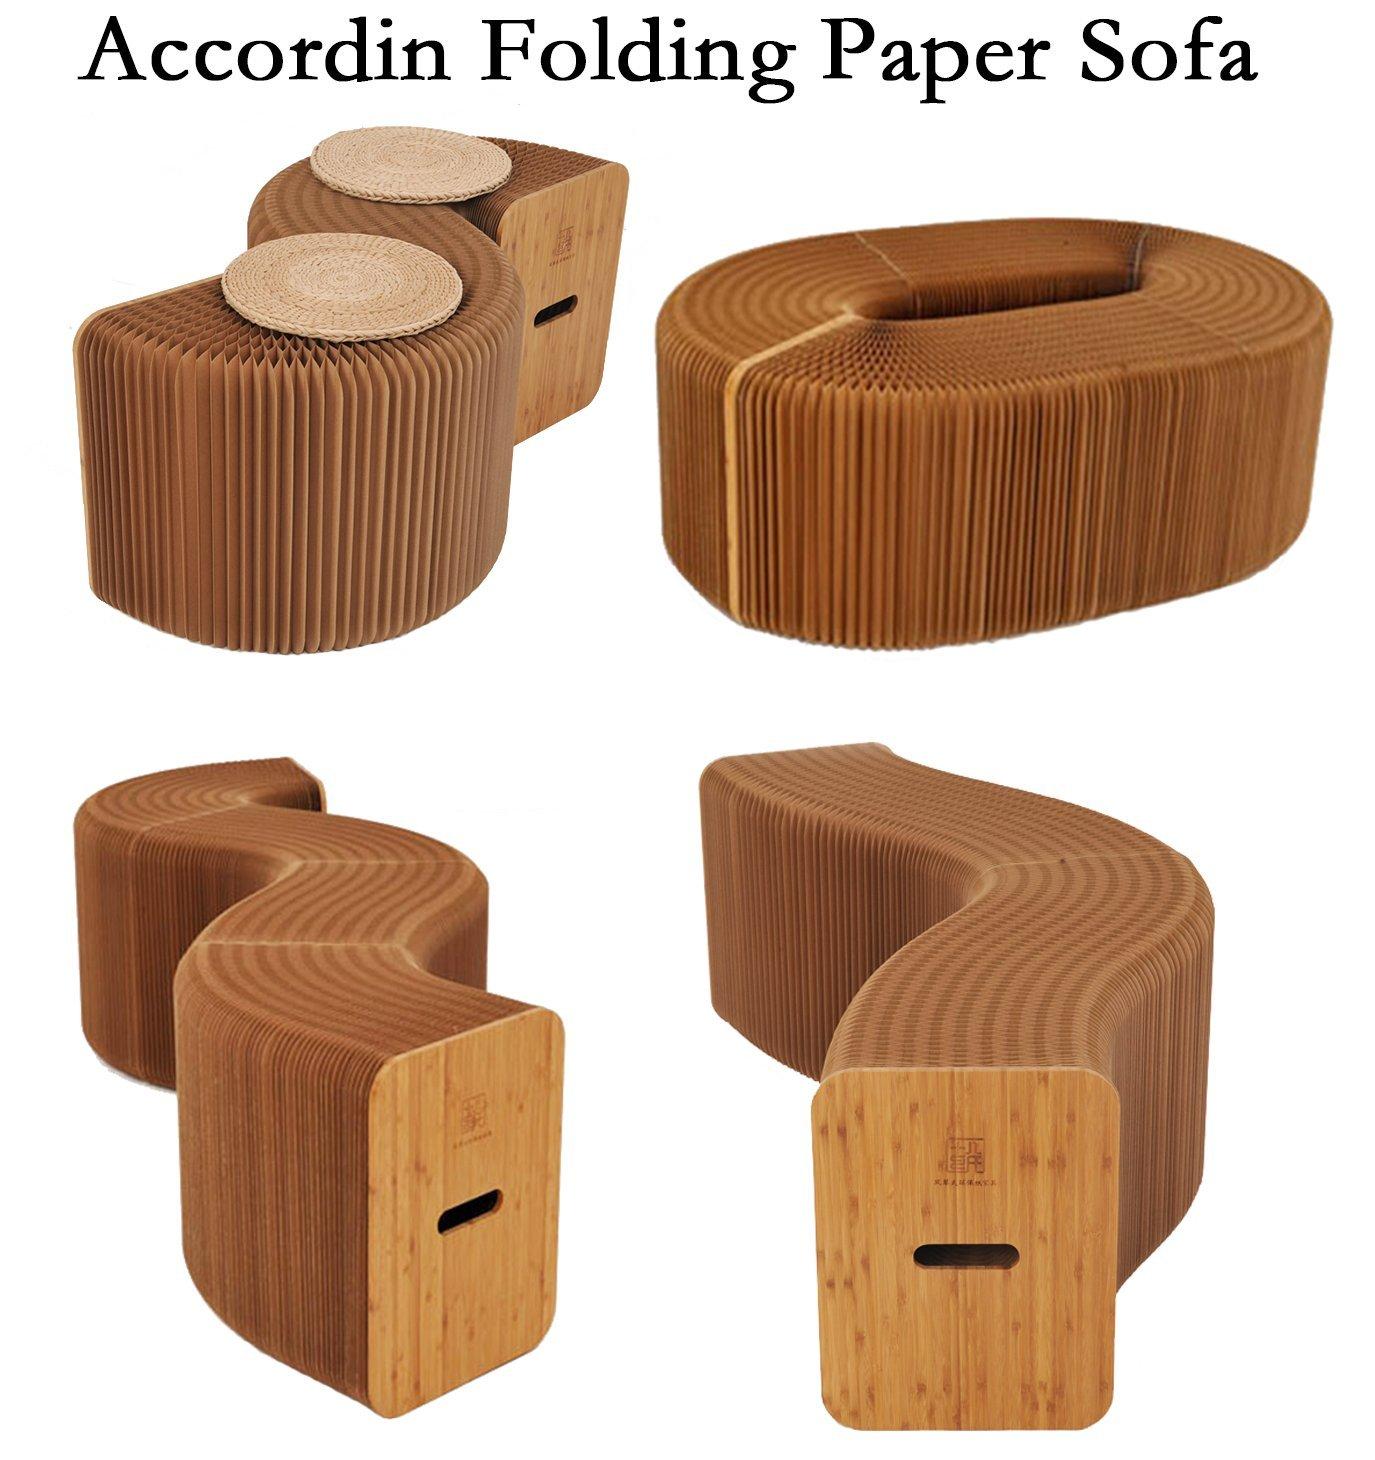 Мебель для дома softeating современный Дизайн accordin складной Бумага табурет диван стул kraft Бумага расслабляющий ноги гостиная и Обеденная